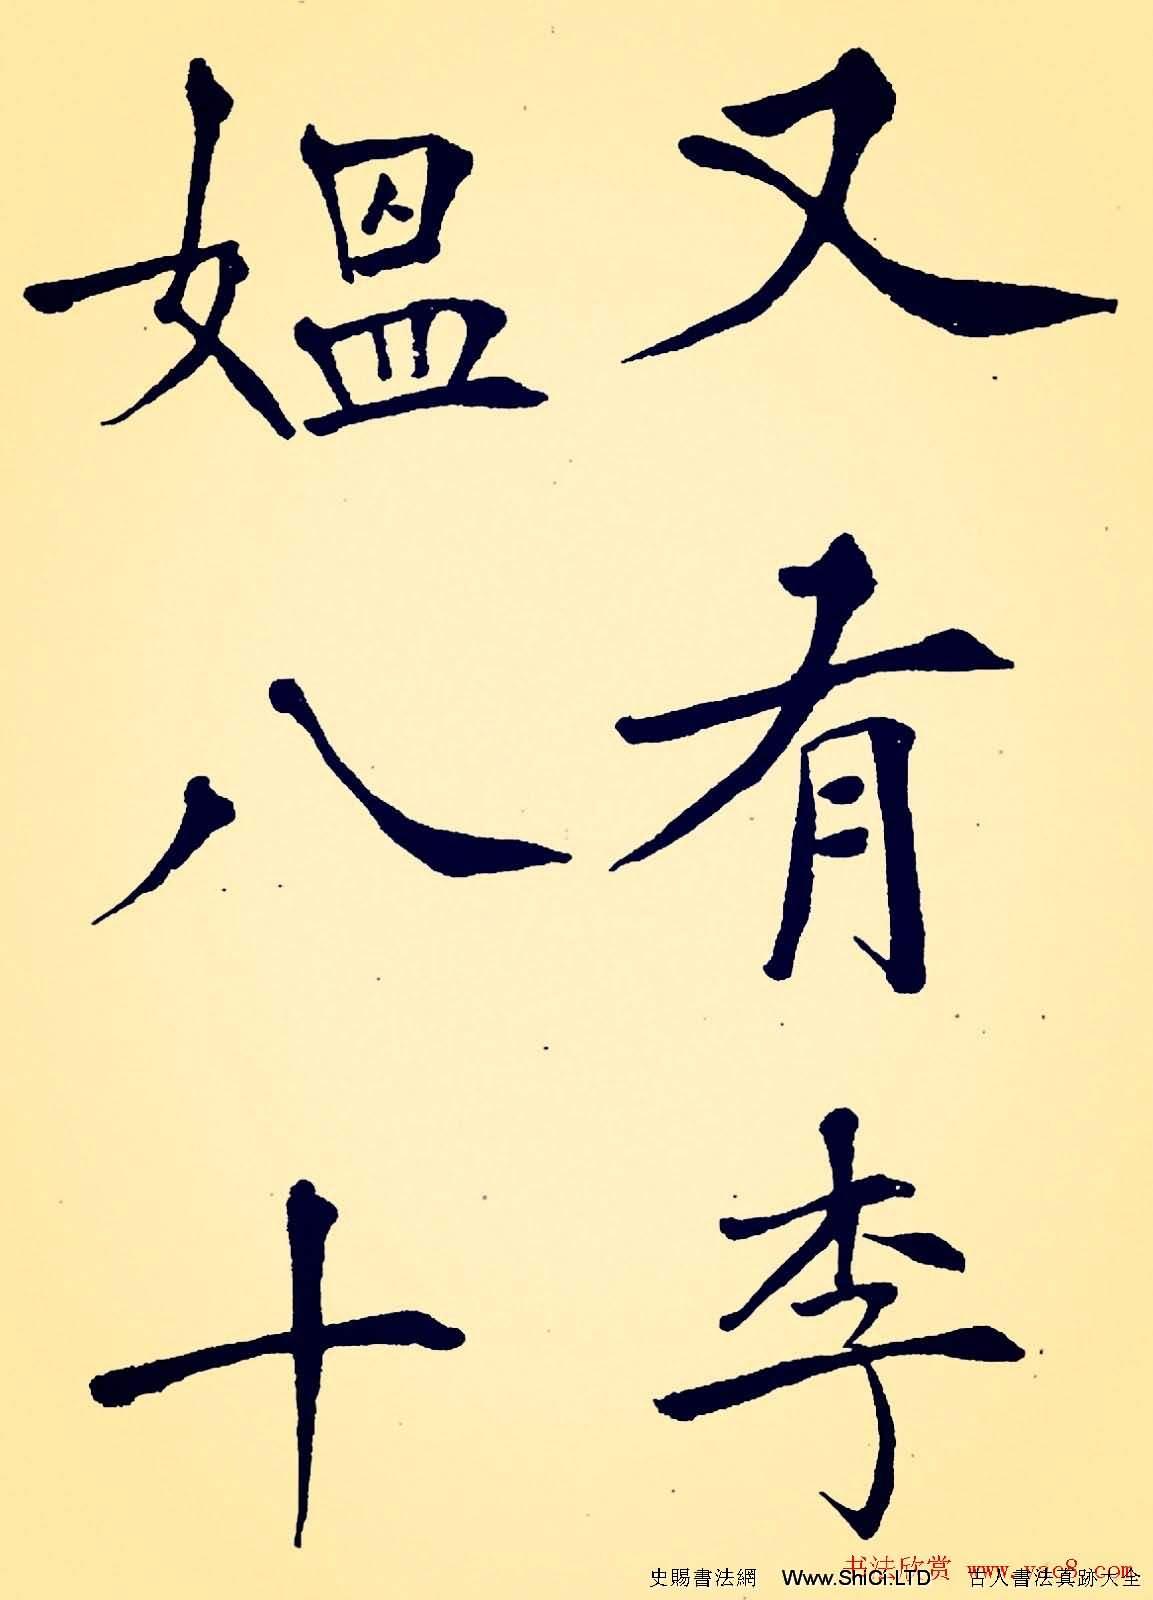 孫揆均大楷瘦金體《入蜀記》(共2張圖片)